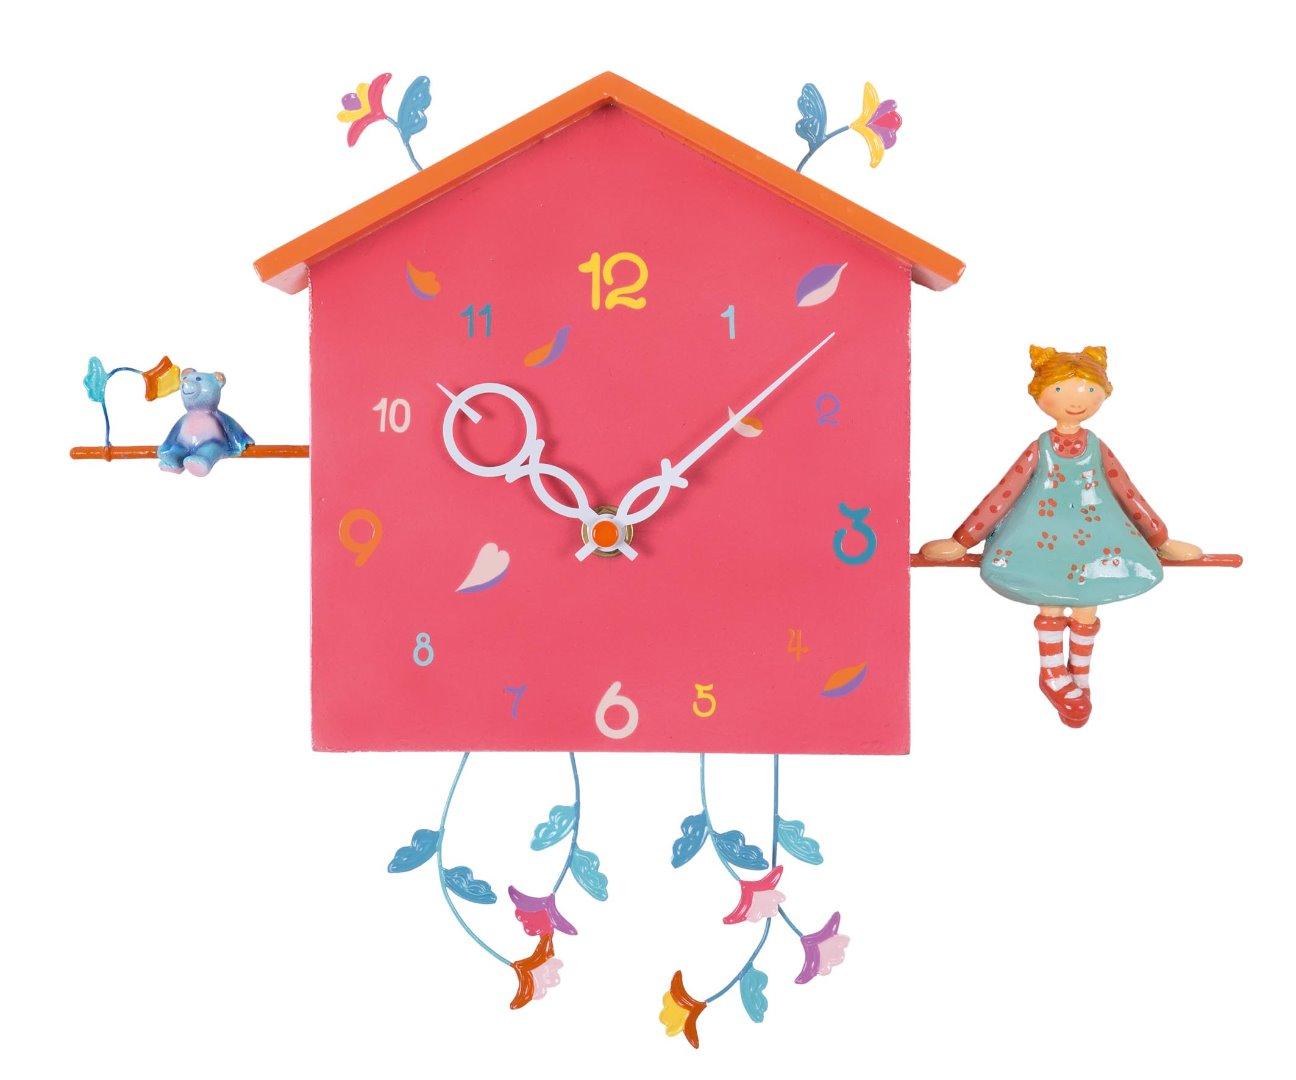 35eb21bf1a16 Reloj de pared infantil - La niña y el osito